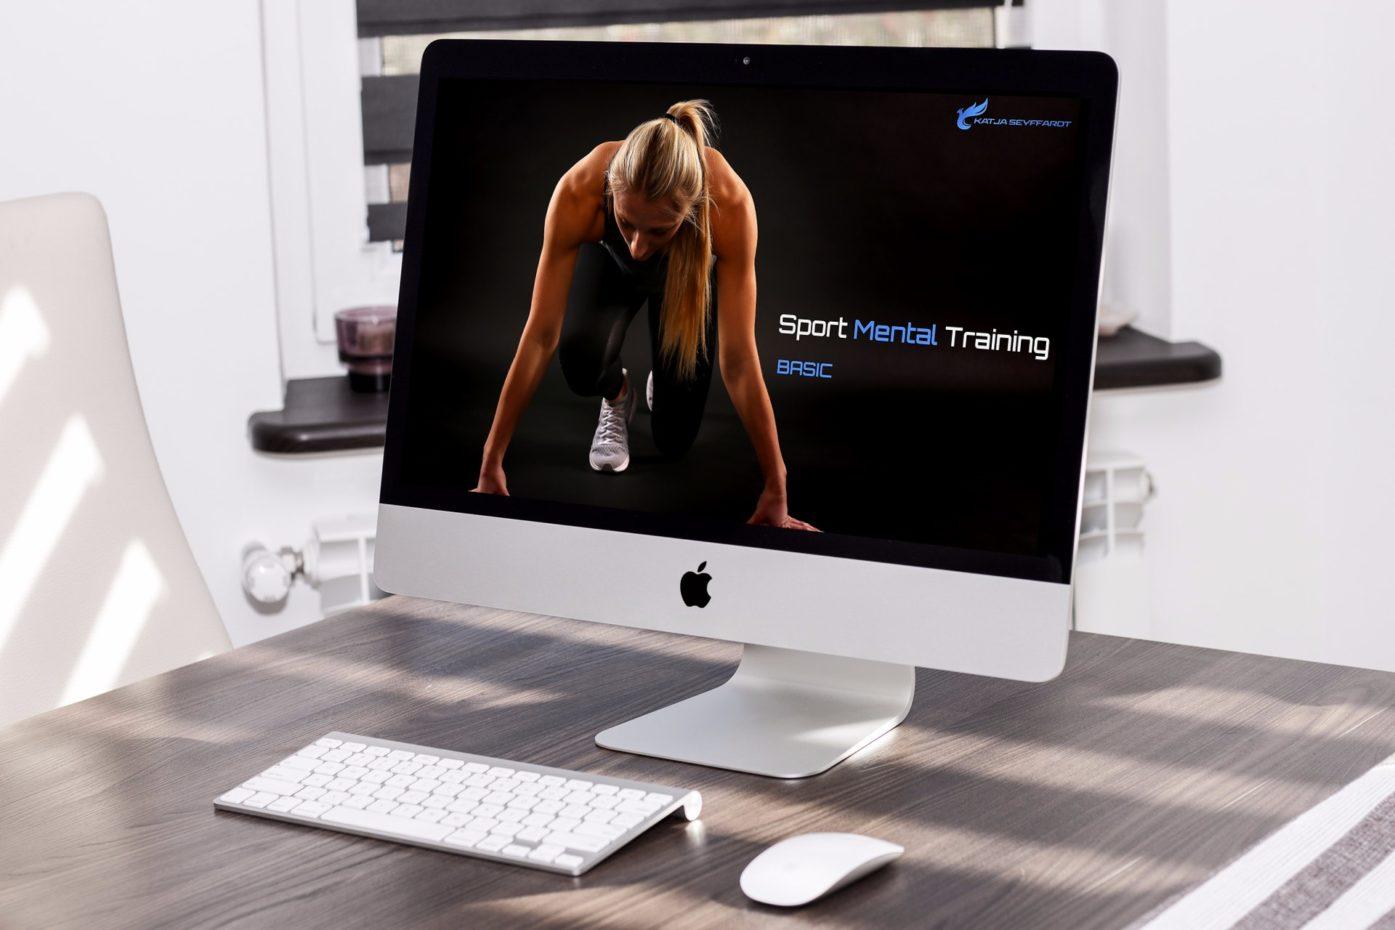 Computer steht auf dem Schreibtisch und das Startbild des Online Kurses ist sichtbar